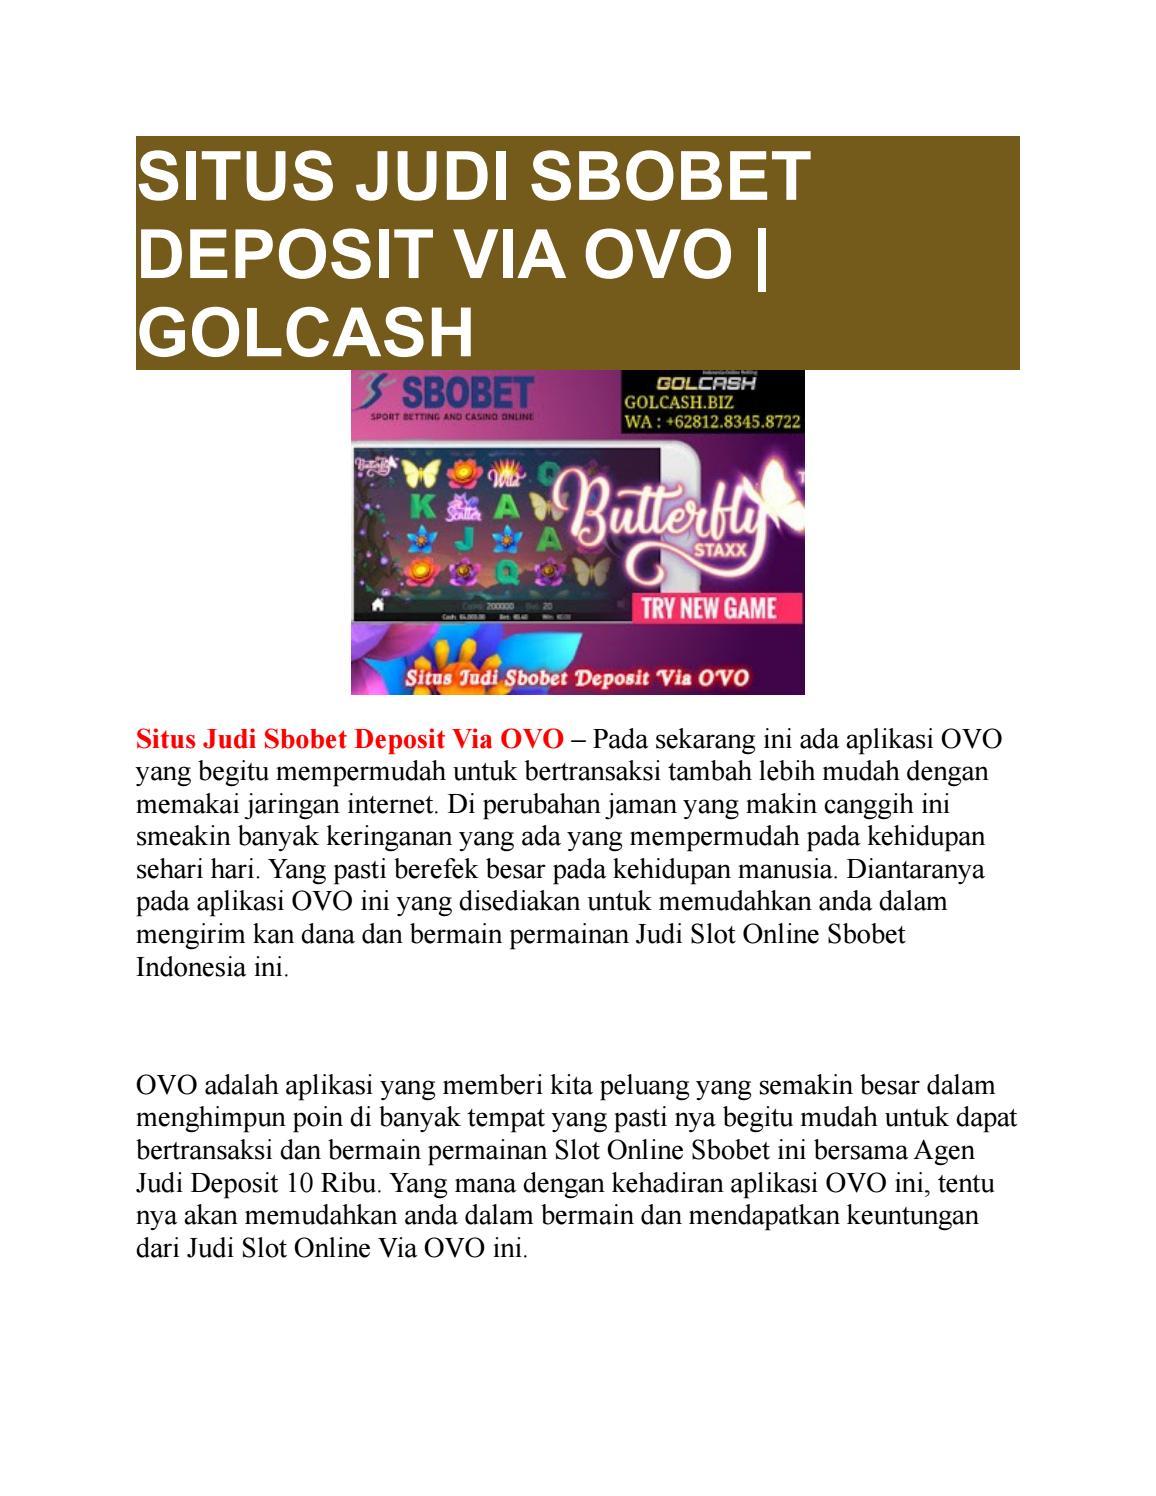 Situs Judi Sbobet Deposit Via Ovo Golcash By Golcash Issuu